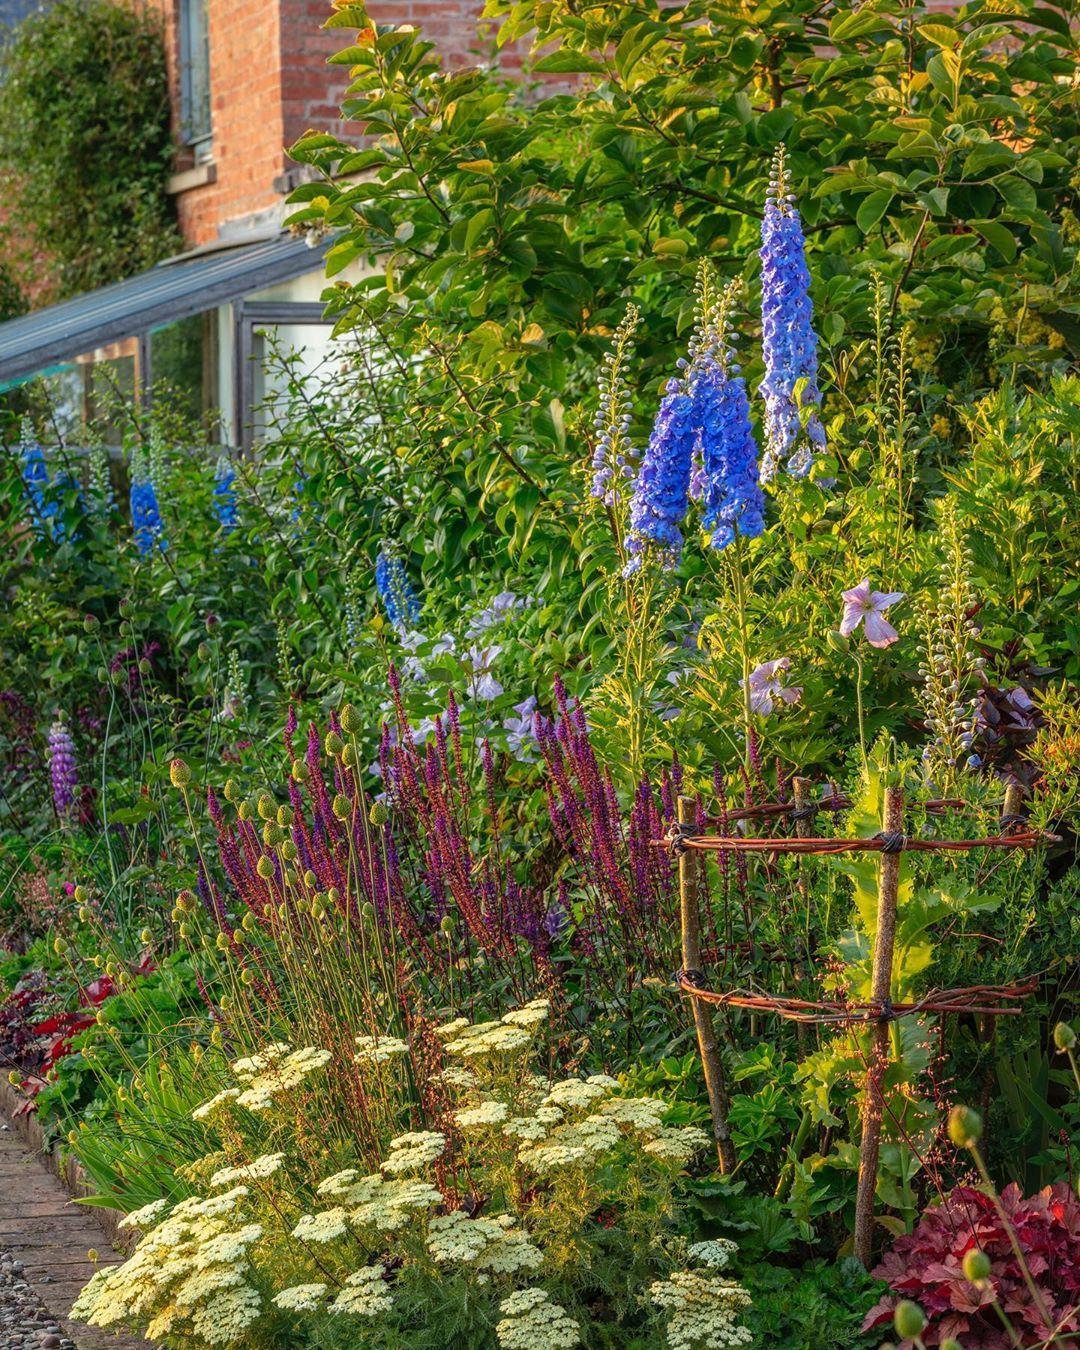 Morton Hall Gardens On Instagram Romance In The Kitchen Garden Achillea Nobilis Neilreichii Glowing In The Evening Sun Comp In 2020 Salvia Kitchen Garden Instagram